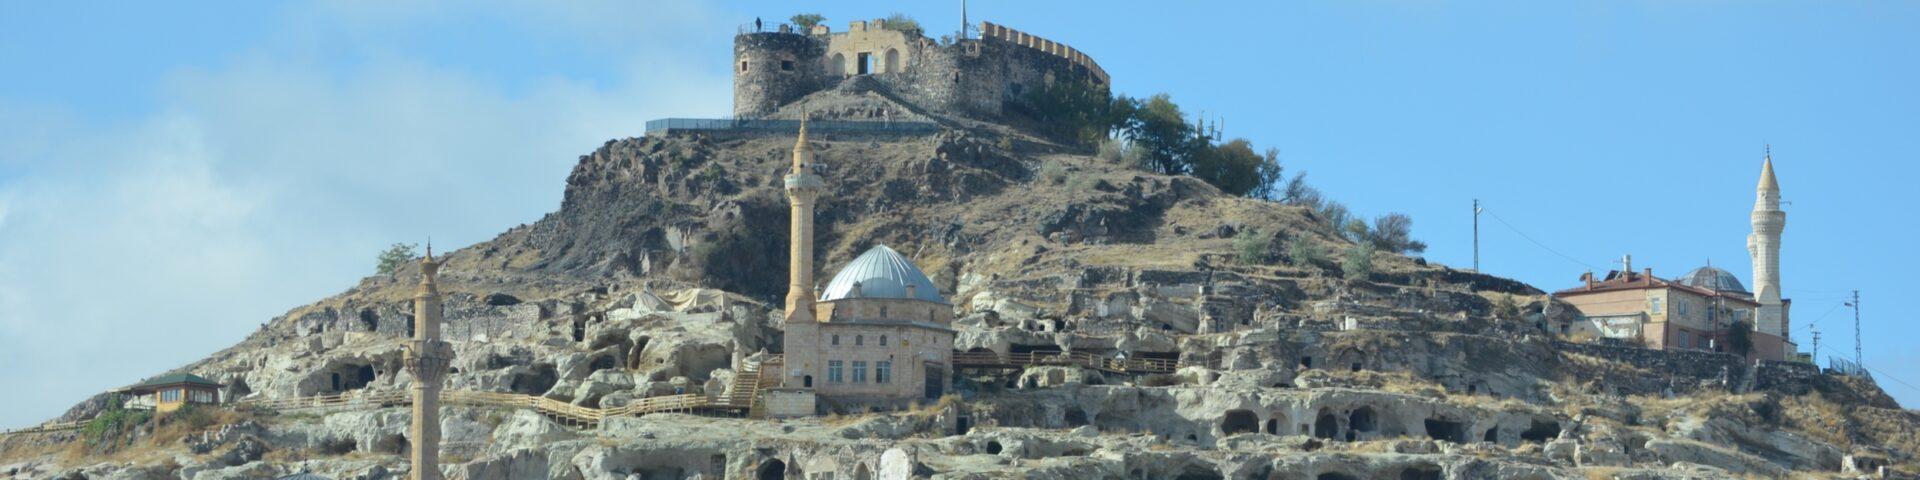 største underjordiske by i tyrkiet, største underjordiske by i kappadokien, største underjordiske by i nevsehir, oplevelser i kappadokien, oplevelser i cappadocia, oplevelser i nevsehir, nevsehir borgen, kayasehir borgen, kayasehir underjordisk by, underjordiske byer i kappadokien, underjordiske byer i cappadocia, hvornår åbner den største underjordiske by i kappadokien,